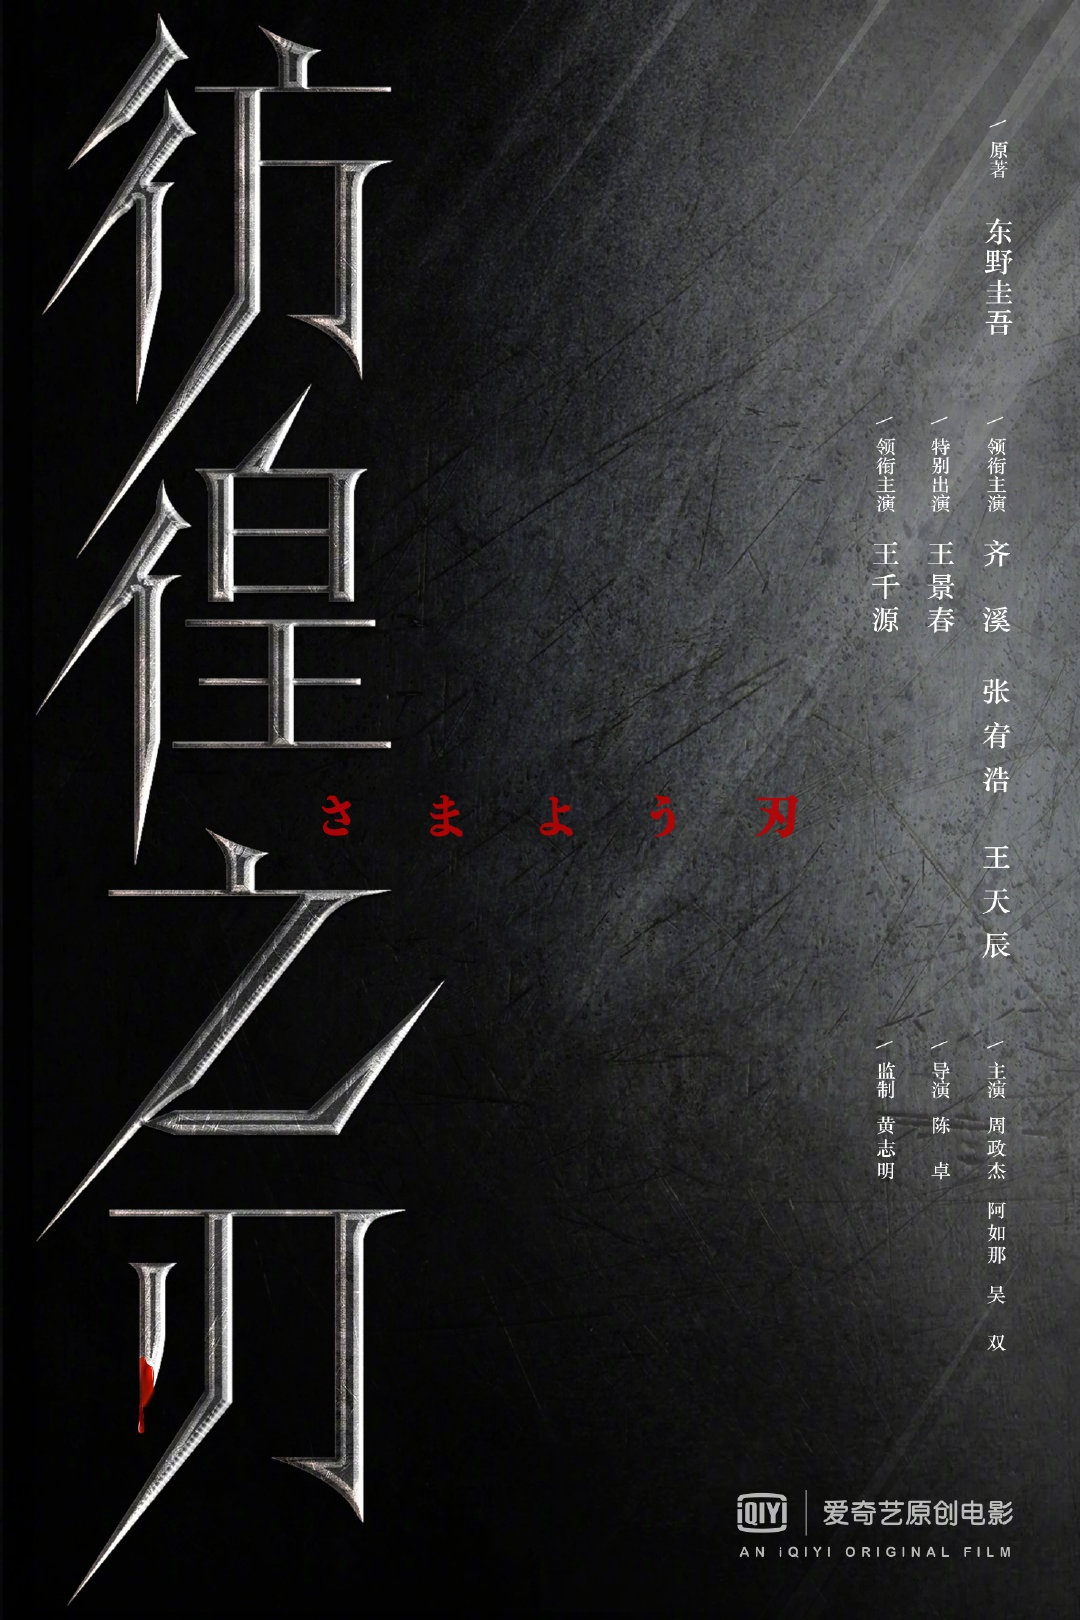 ug环球代理:悬疑影片《彷徨之刃》开机 王千源王景春强强联手 第1张